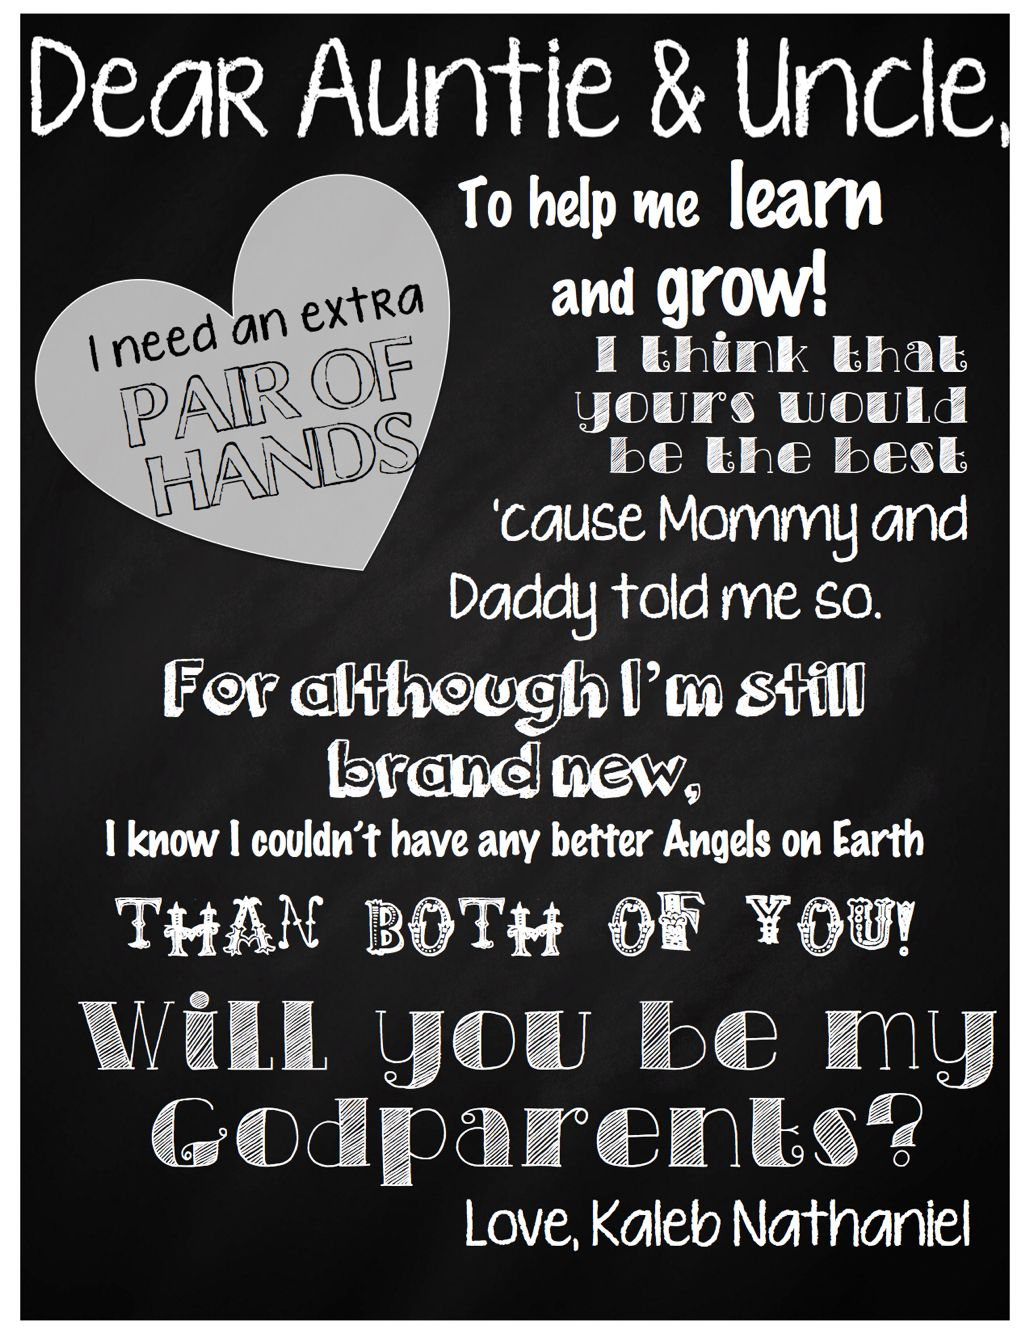 my friend dahmer parents guide